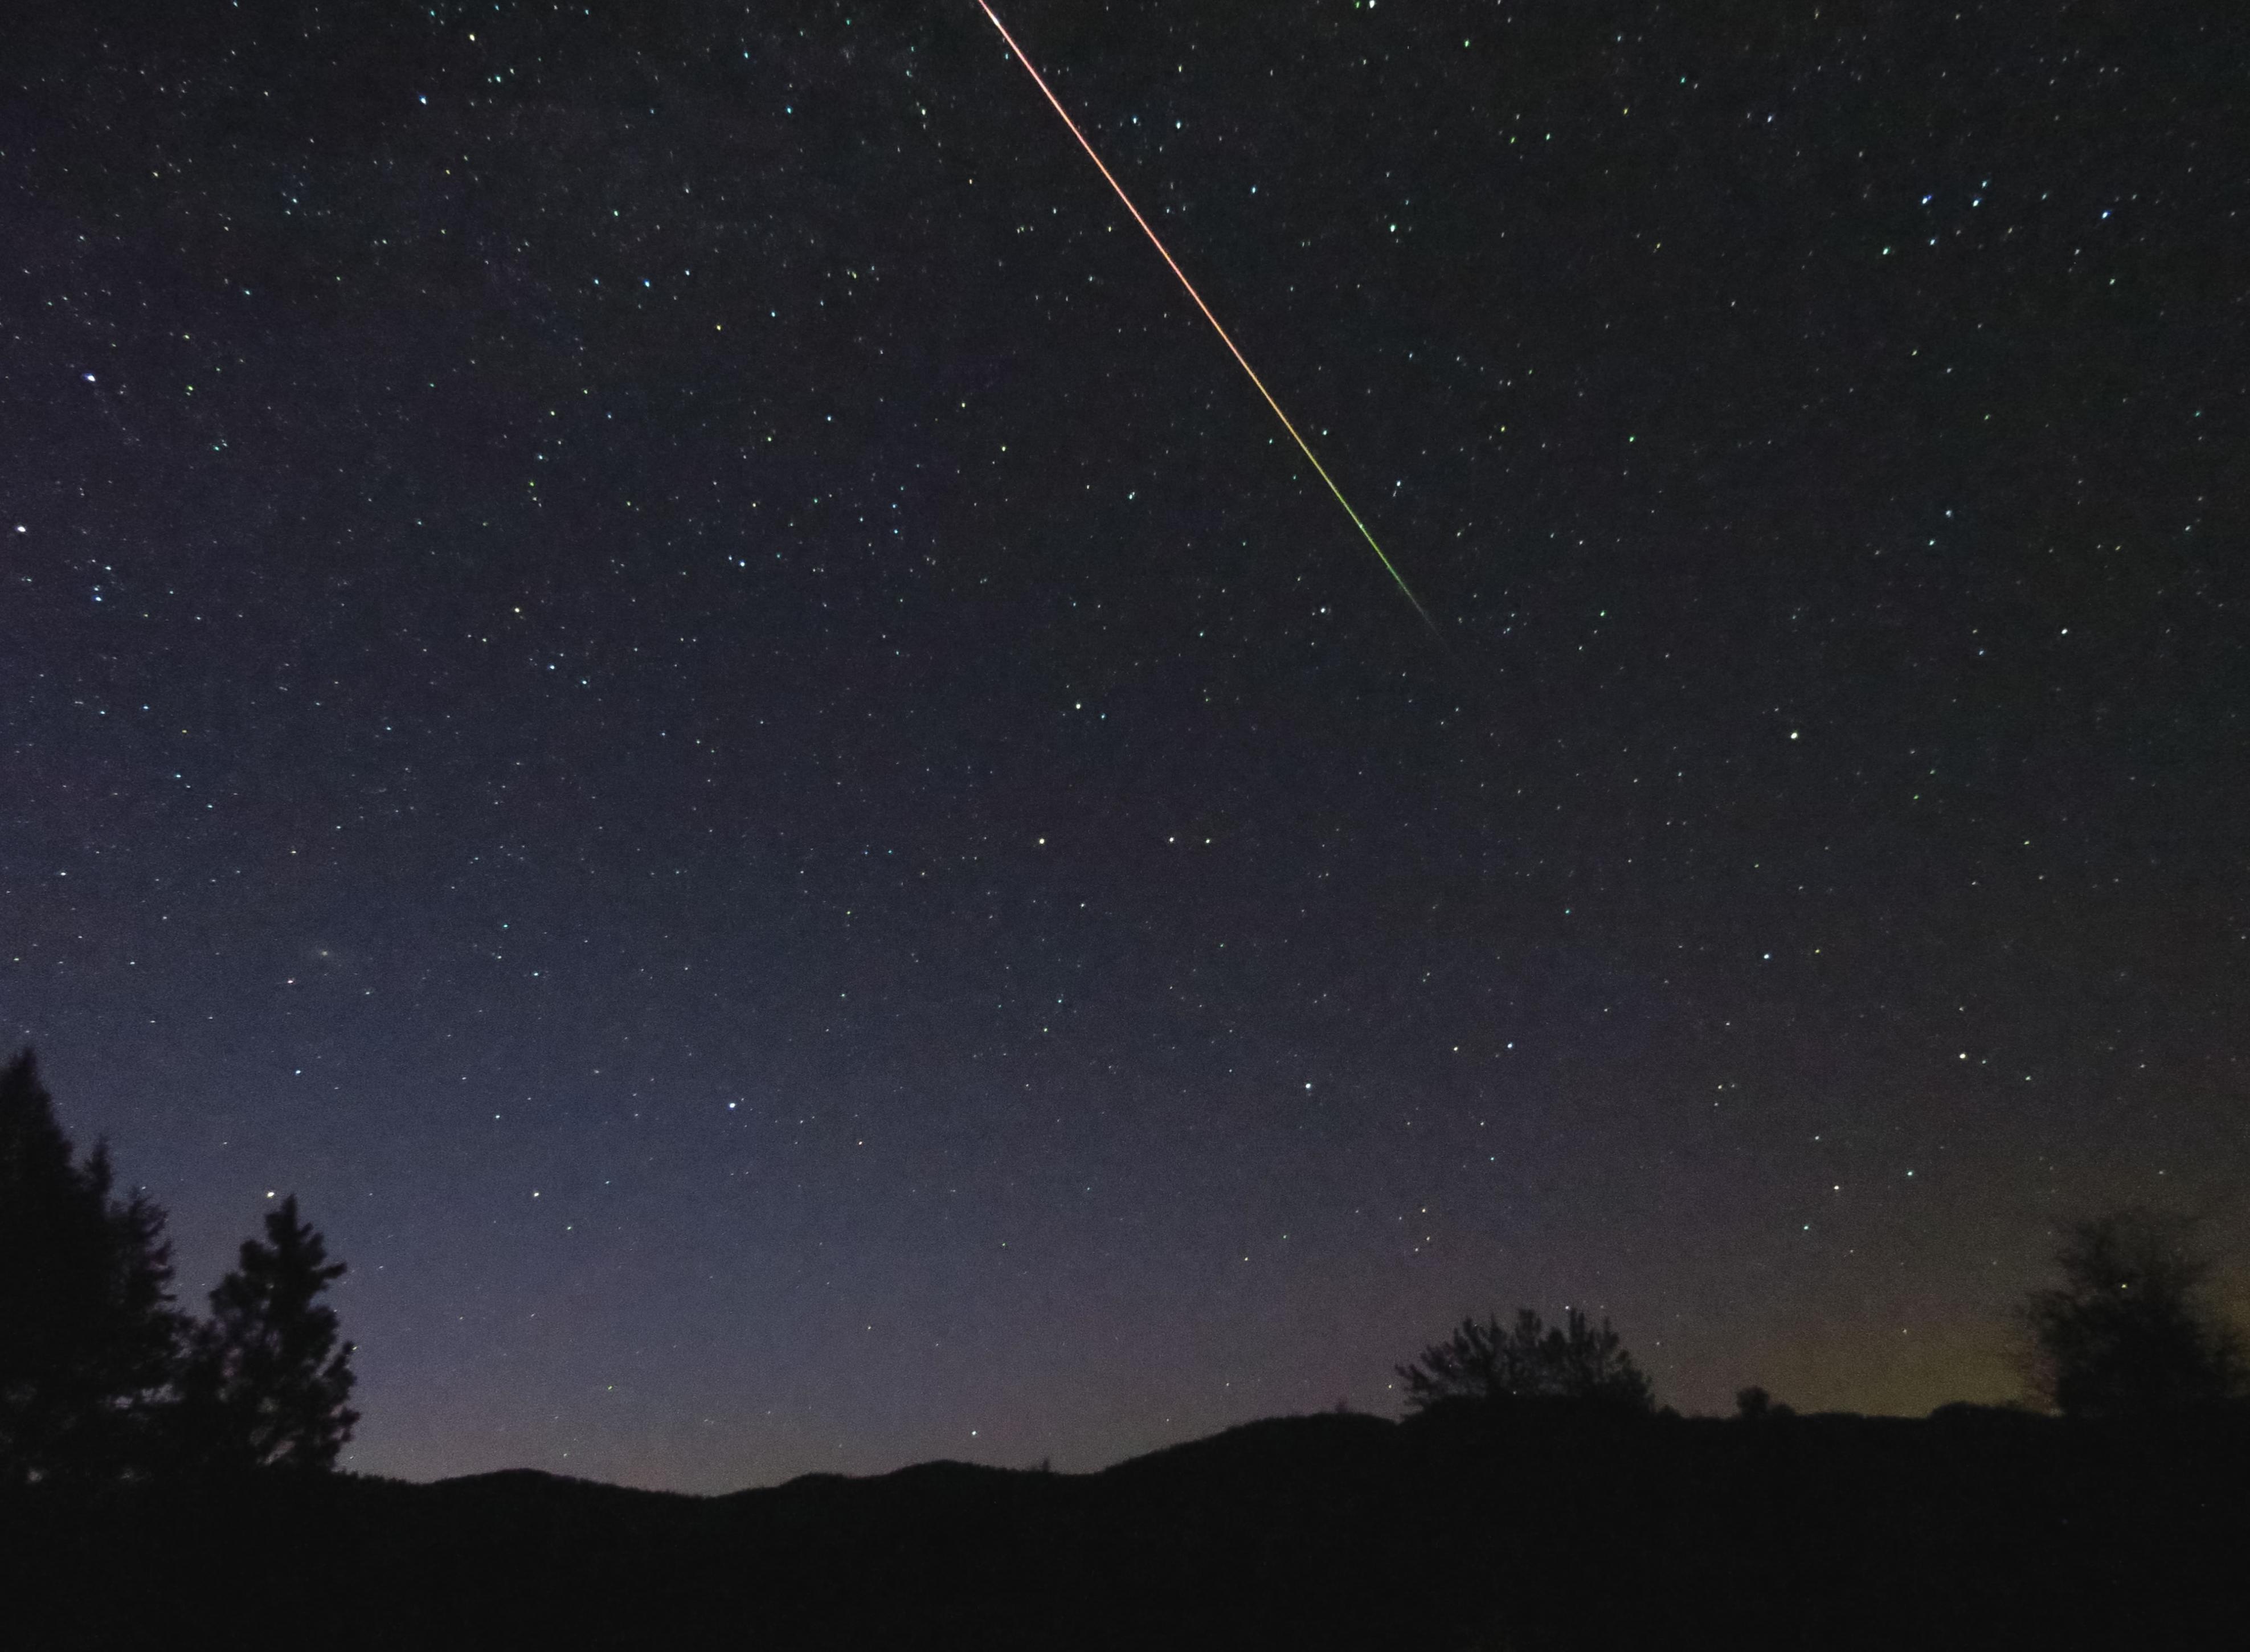 202年5月6日宝瓶座流星雨极大期 由哈雷彗星所衍生